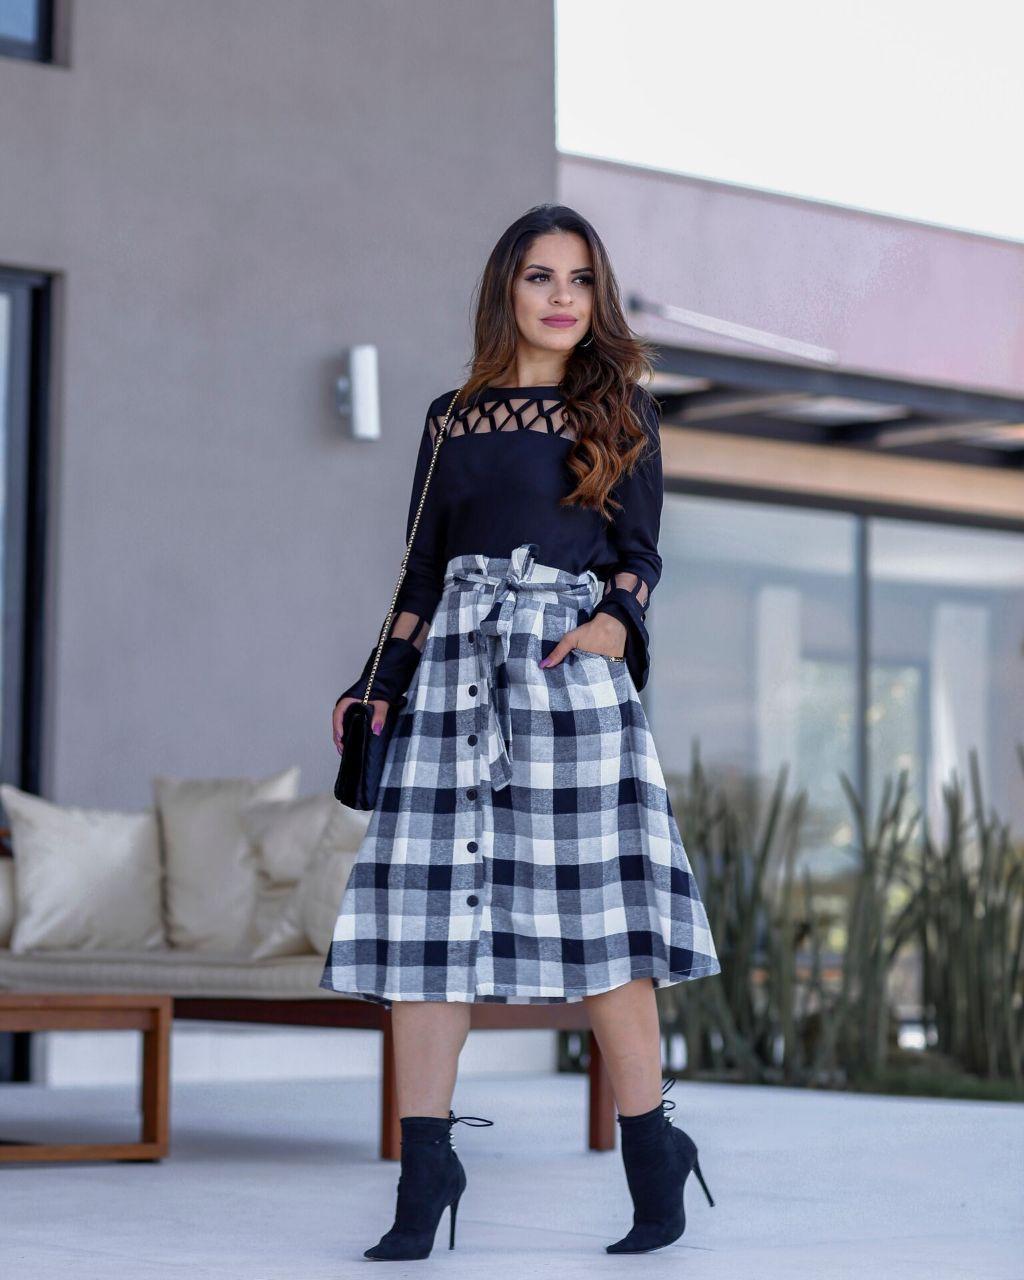 bee0ef270 Saia midi xadrez preto e branco. Possui bolsos frontais verdadeiros e faixa  para amarraçaoa na